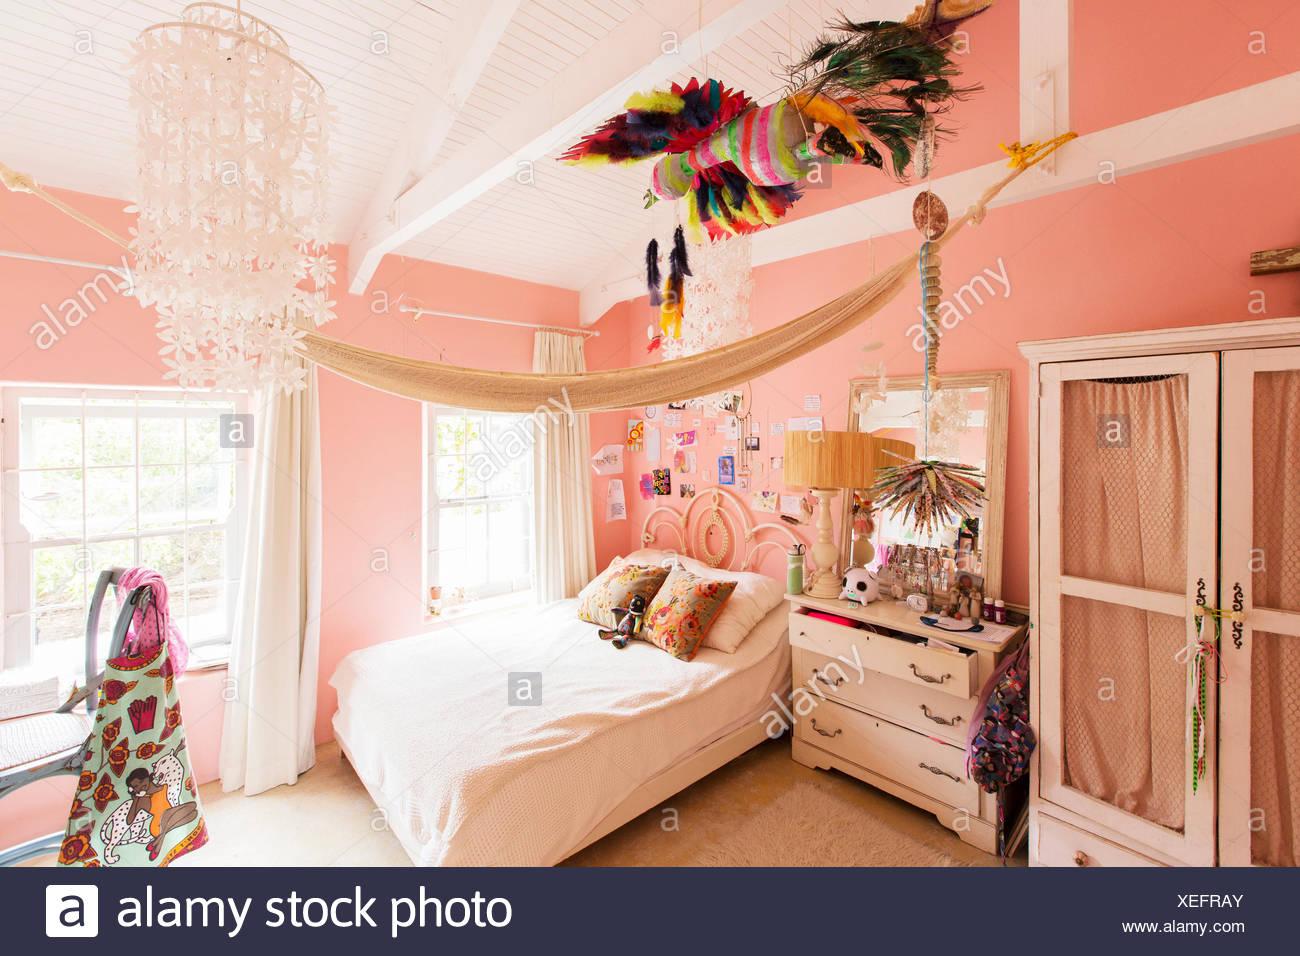 Decorazioni in camera da letto di casa rustico Immagini Stock